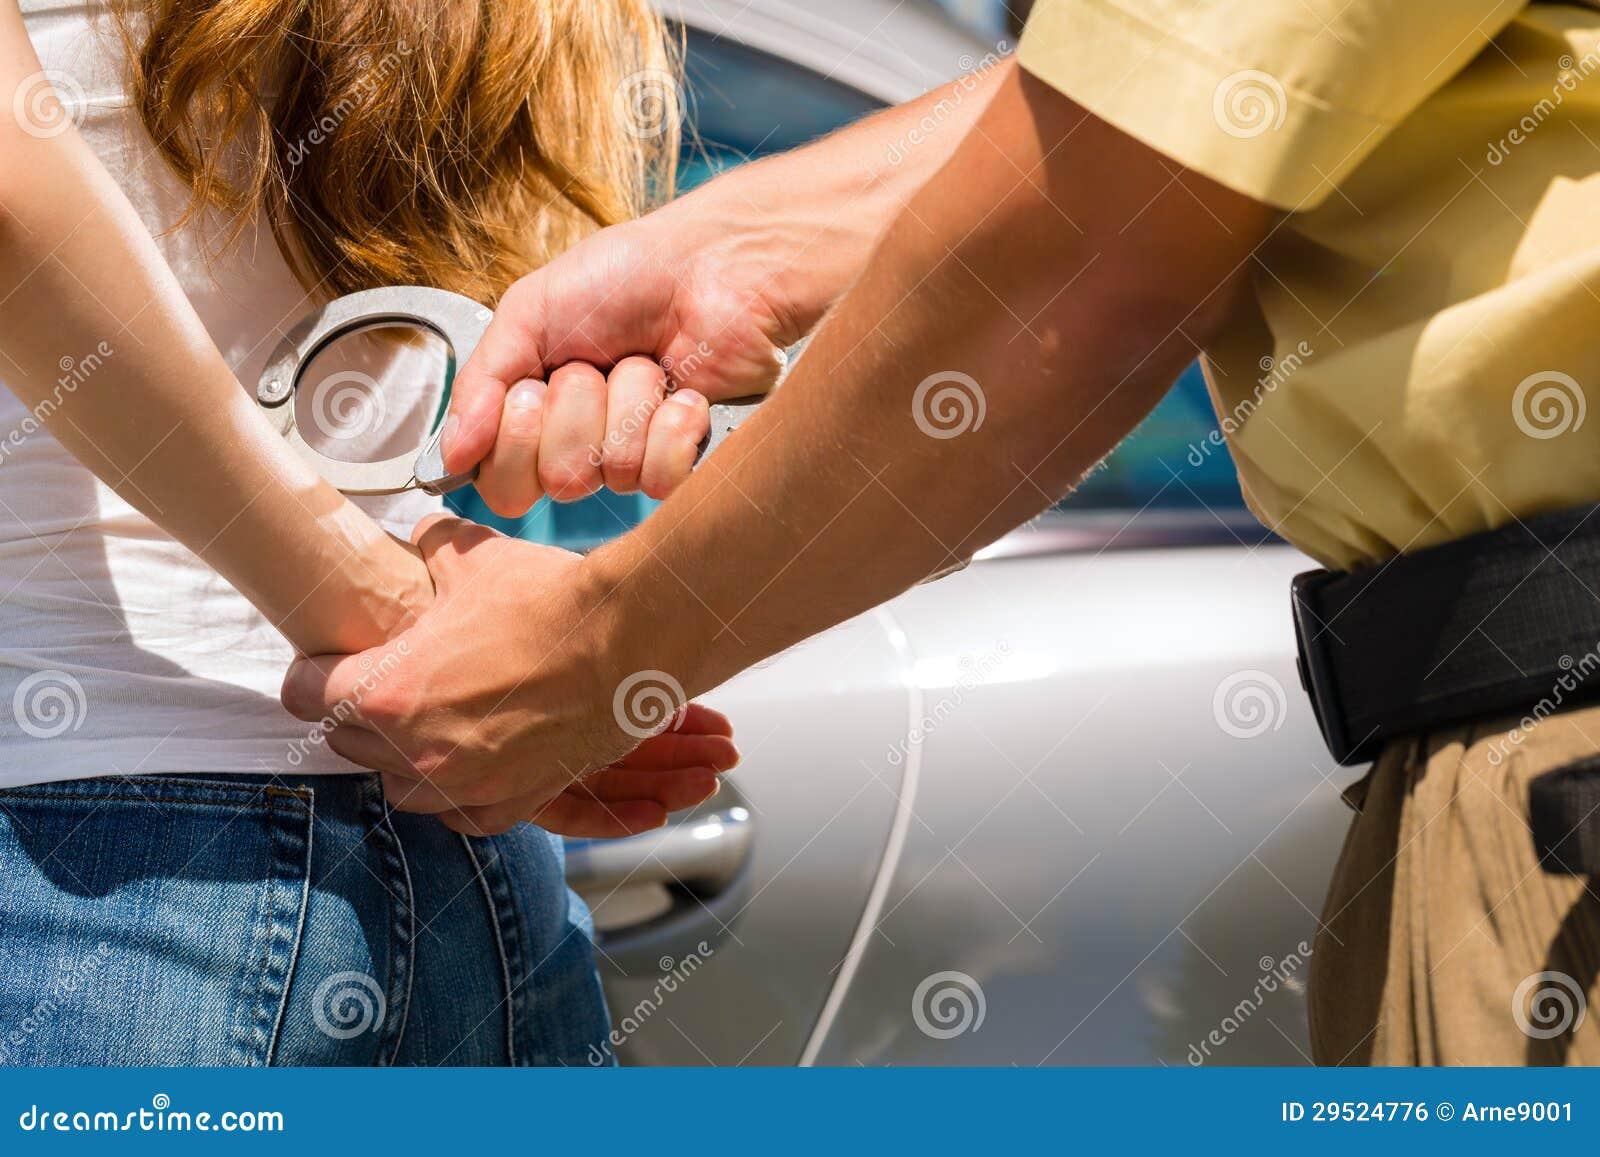 Policier arrêtant une femme avec des menottes